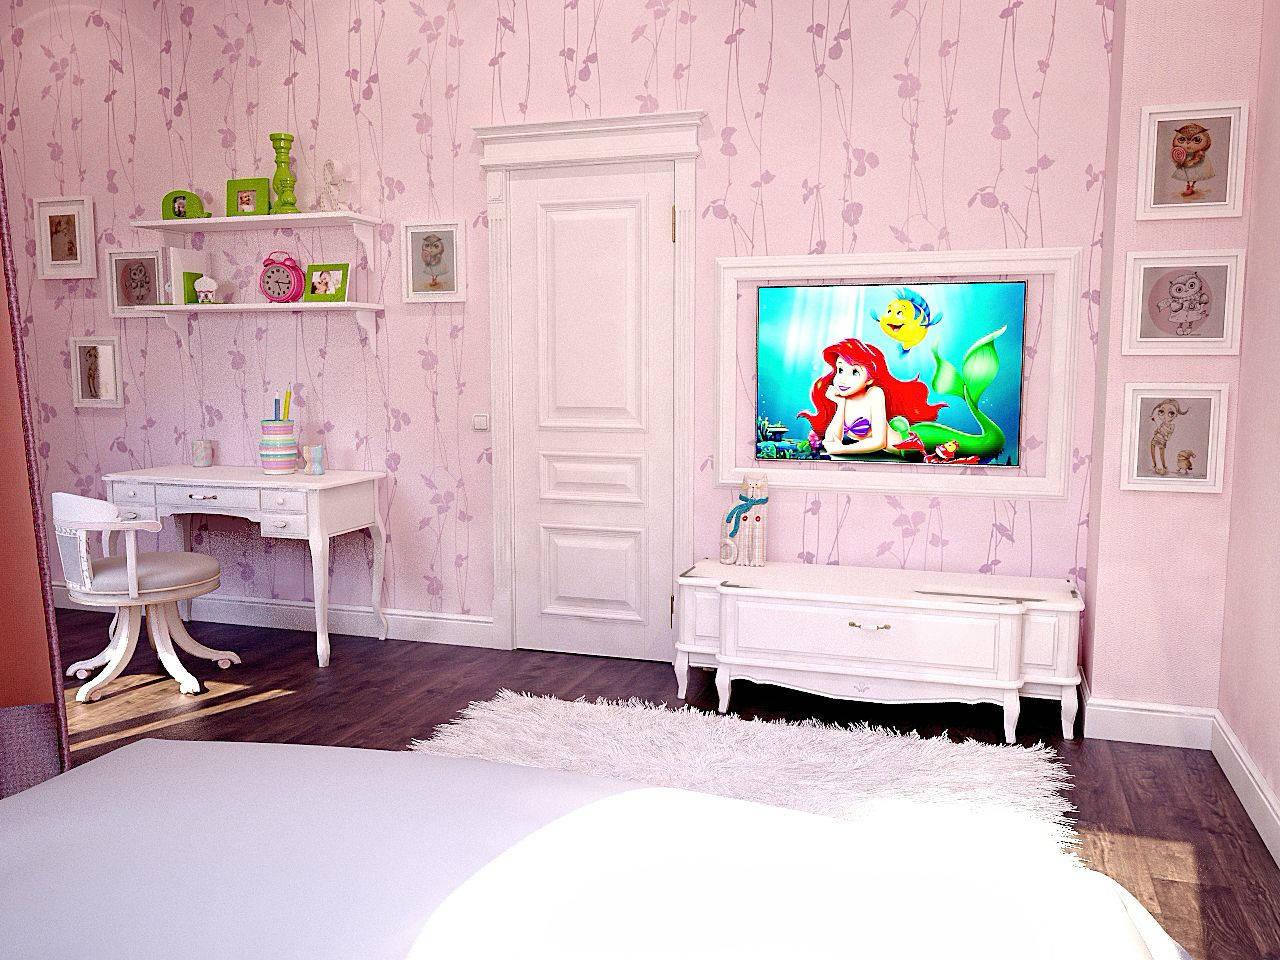 Дизайн детской комнаты Киев нео класика прованс, вид на телевизор